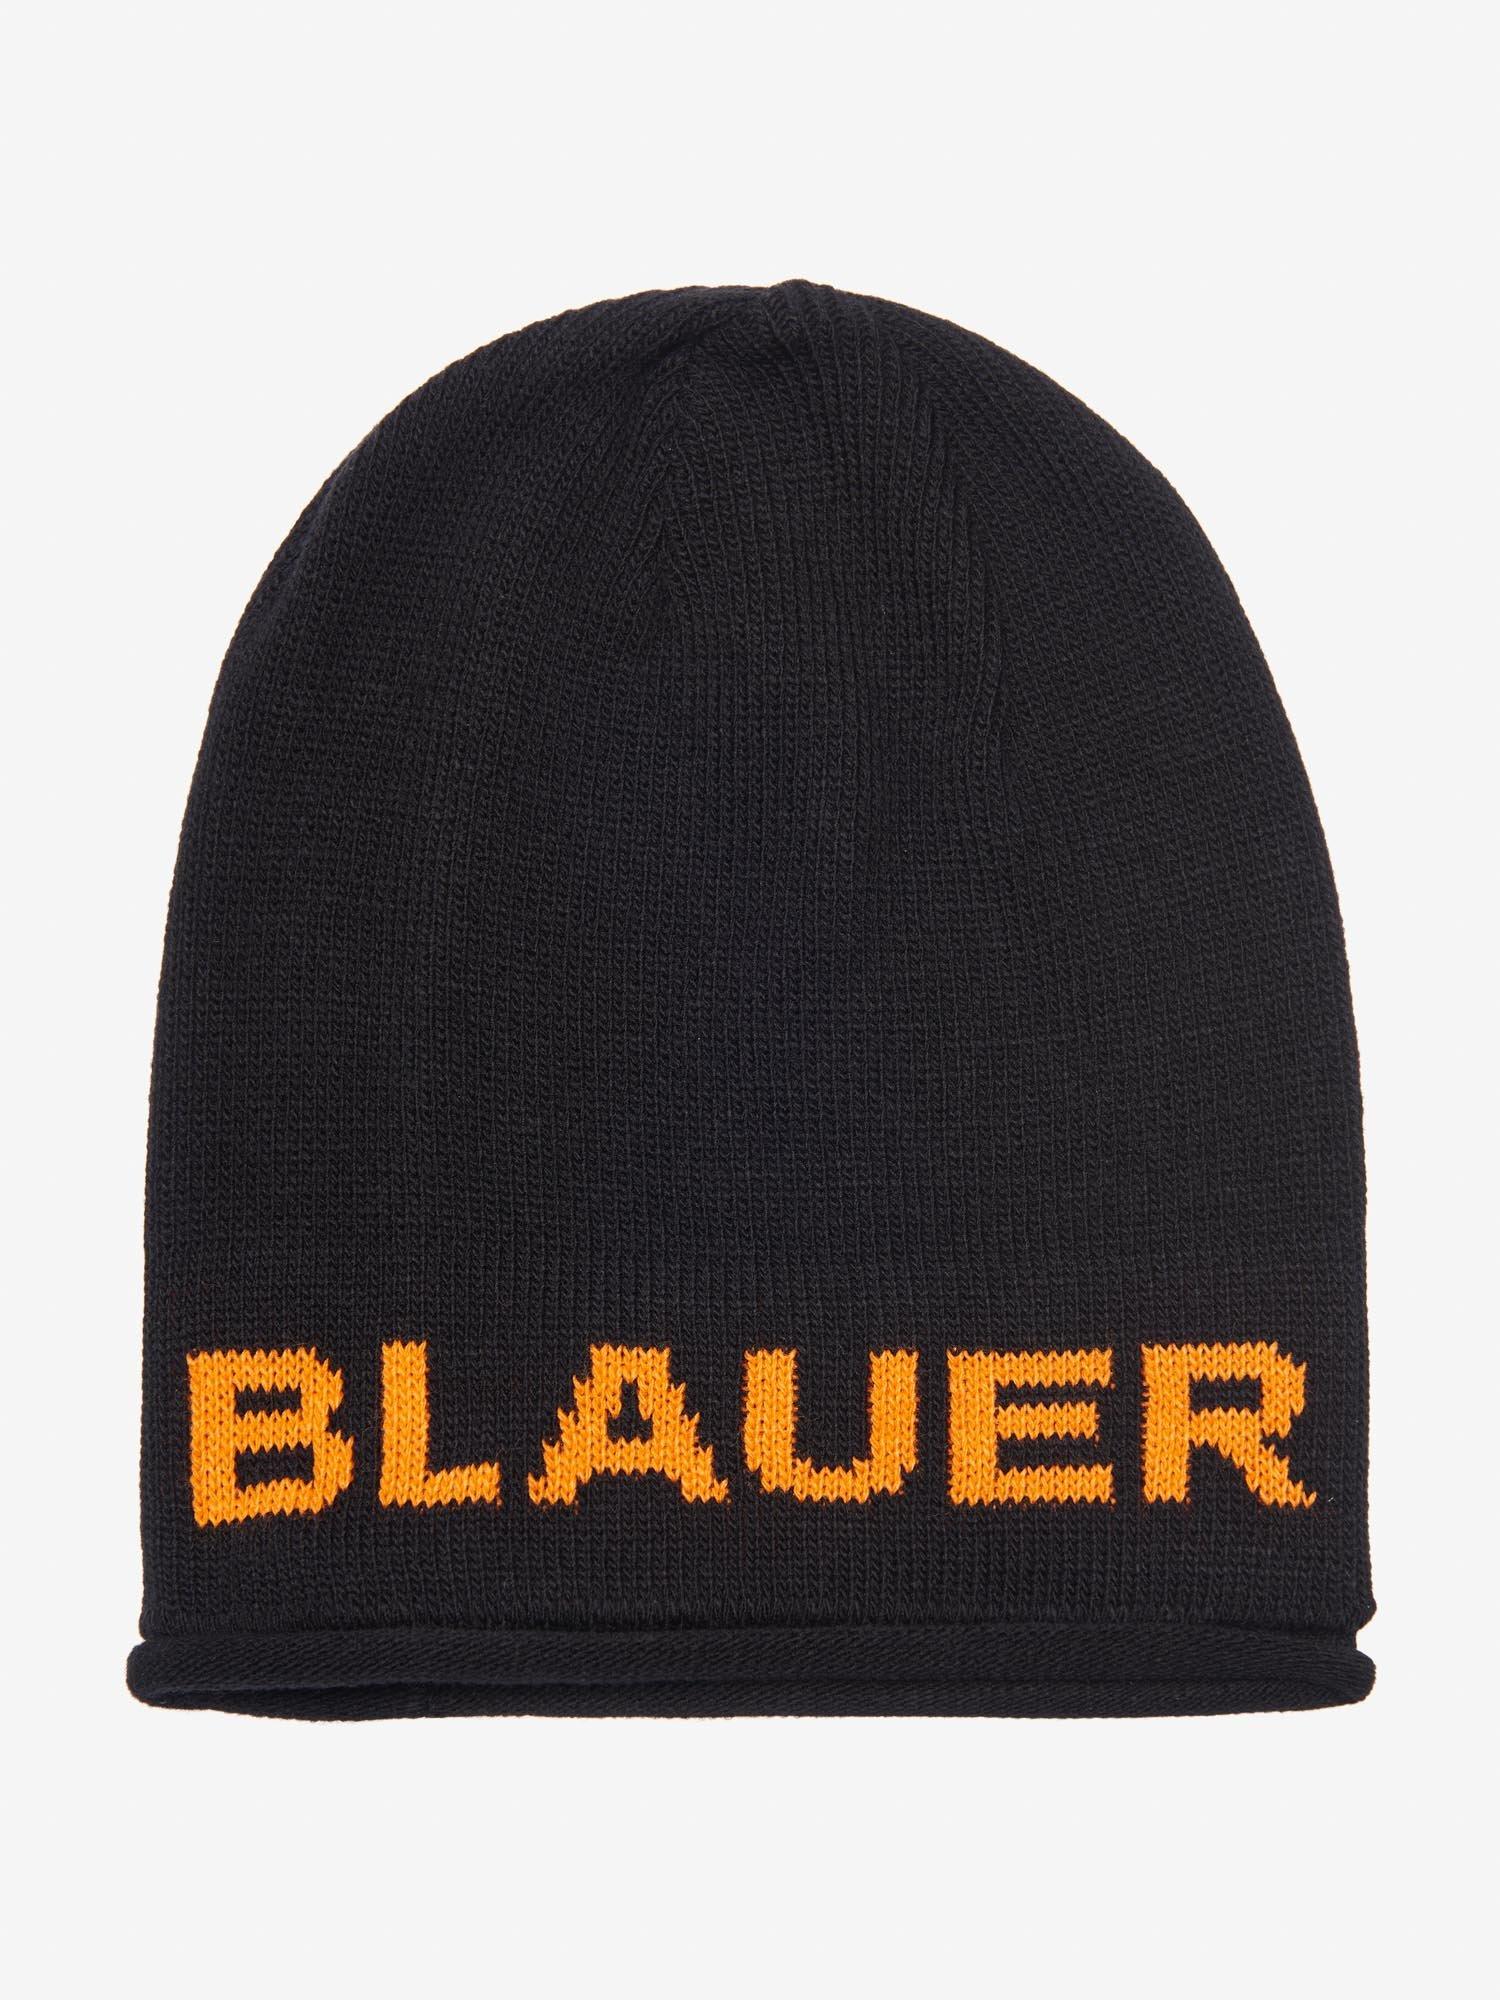 SOFT BLAUER CAP - Blauer